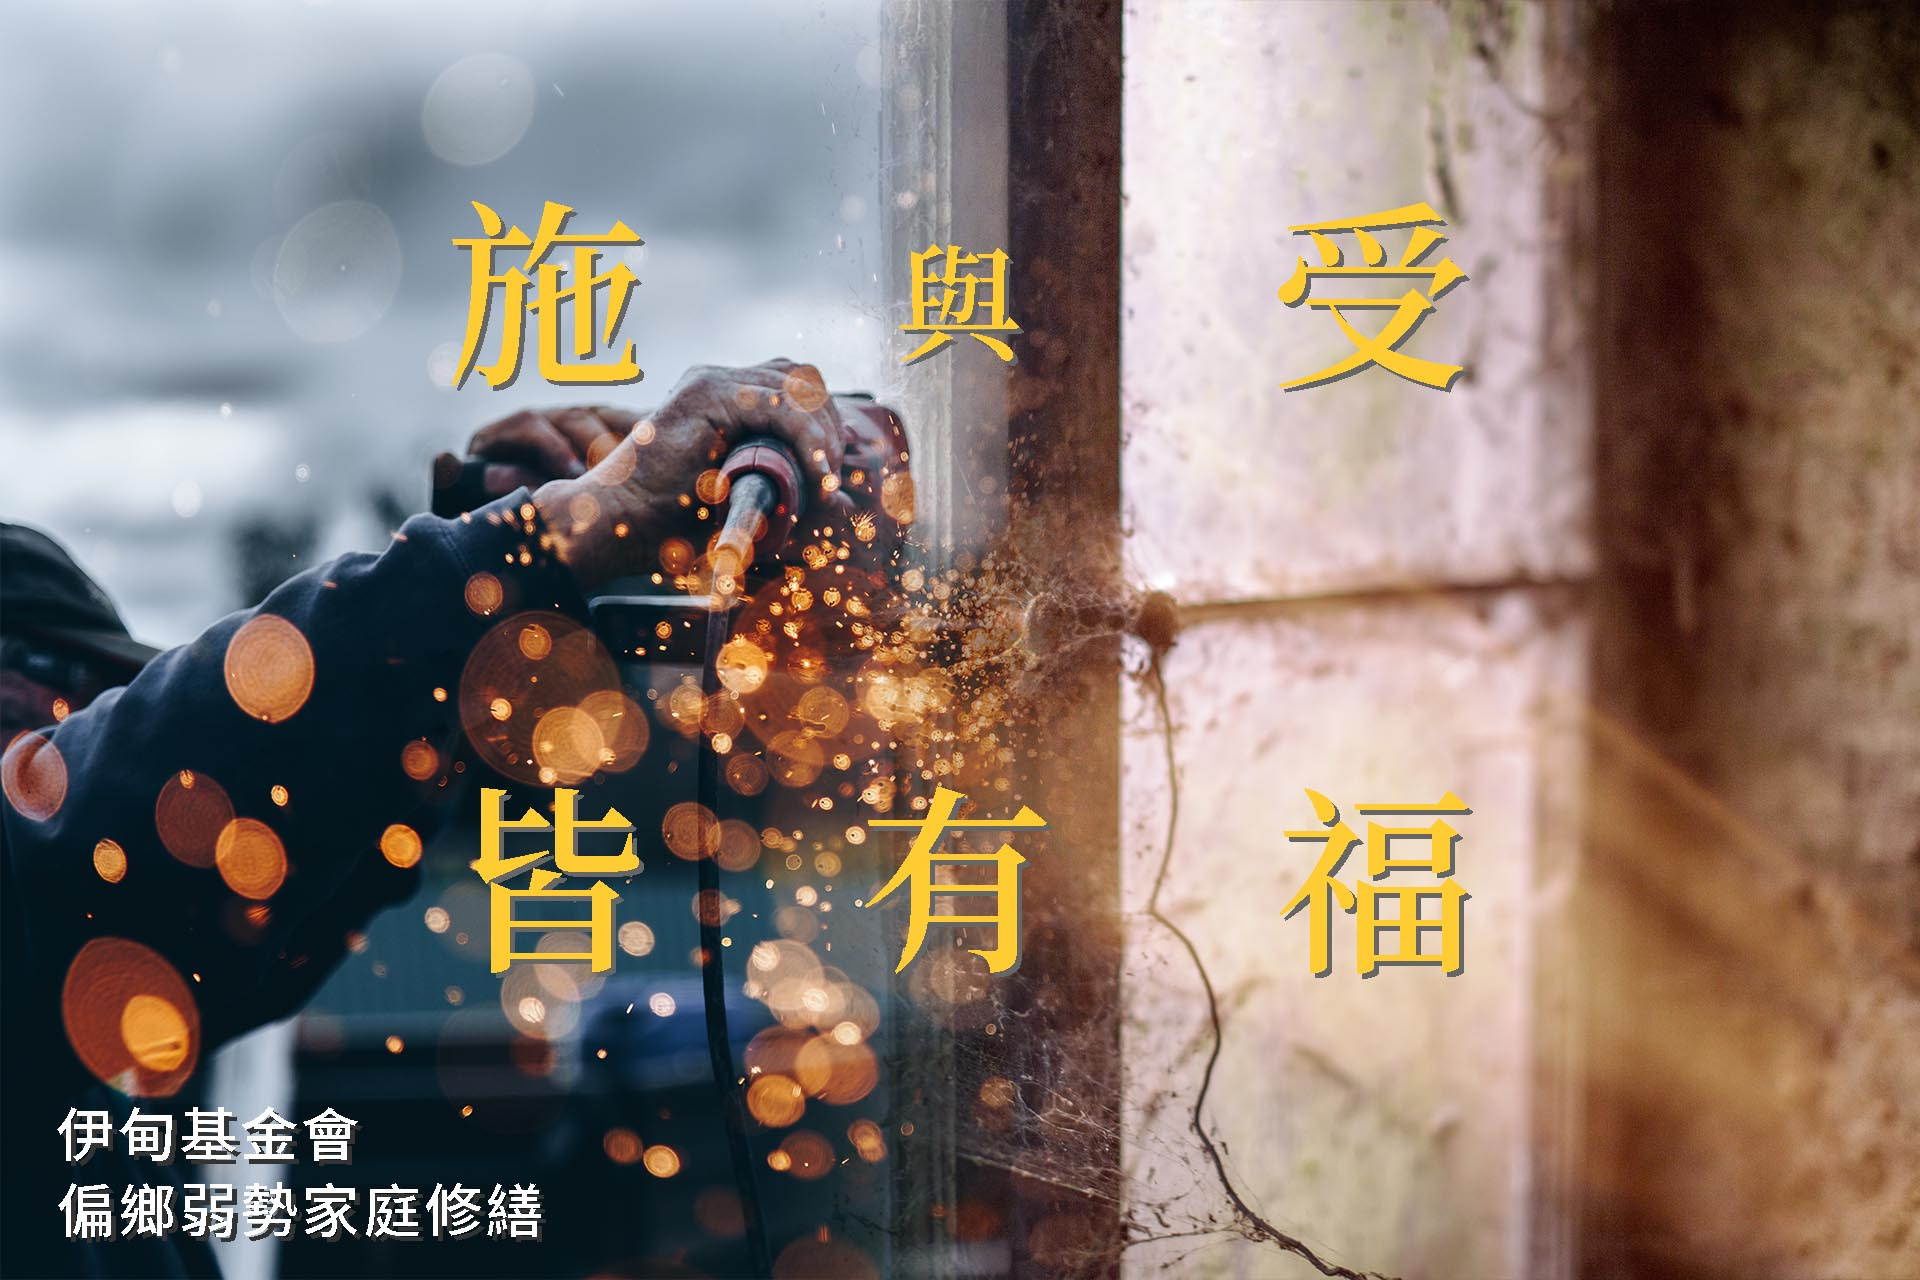 [公益]羅賴把志工:施與受皆有福(2018年 伊甸基金會 偏鄉弱勢家庭修繕)